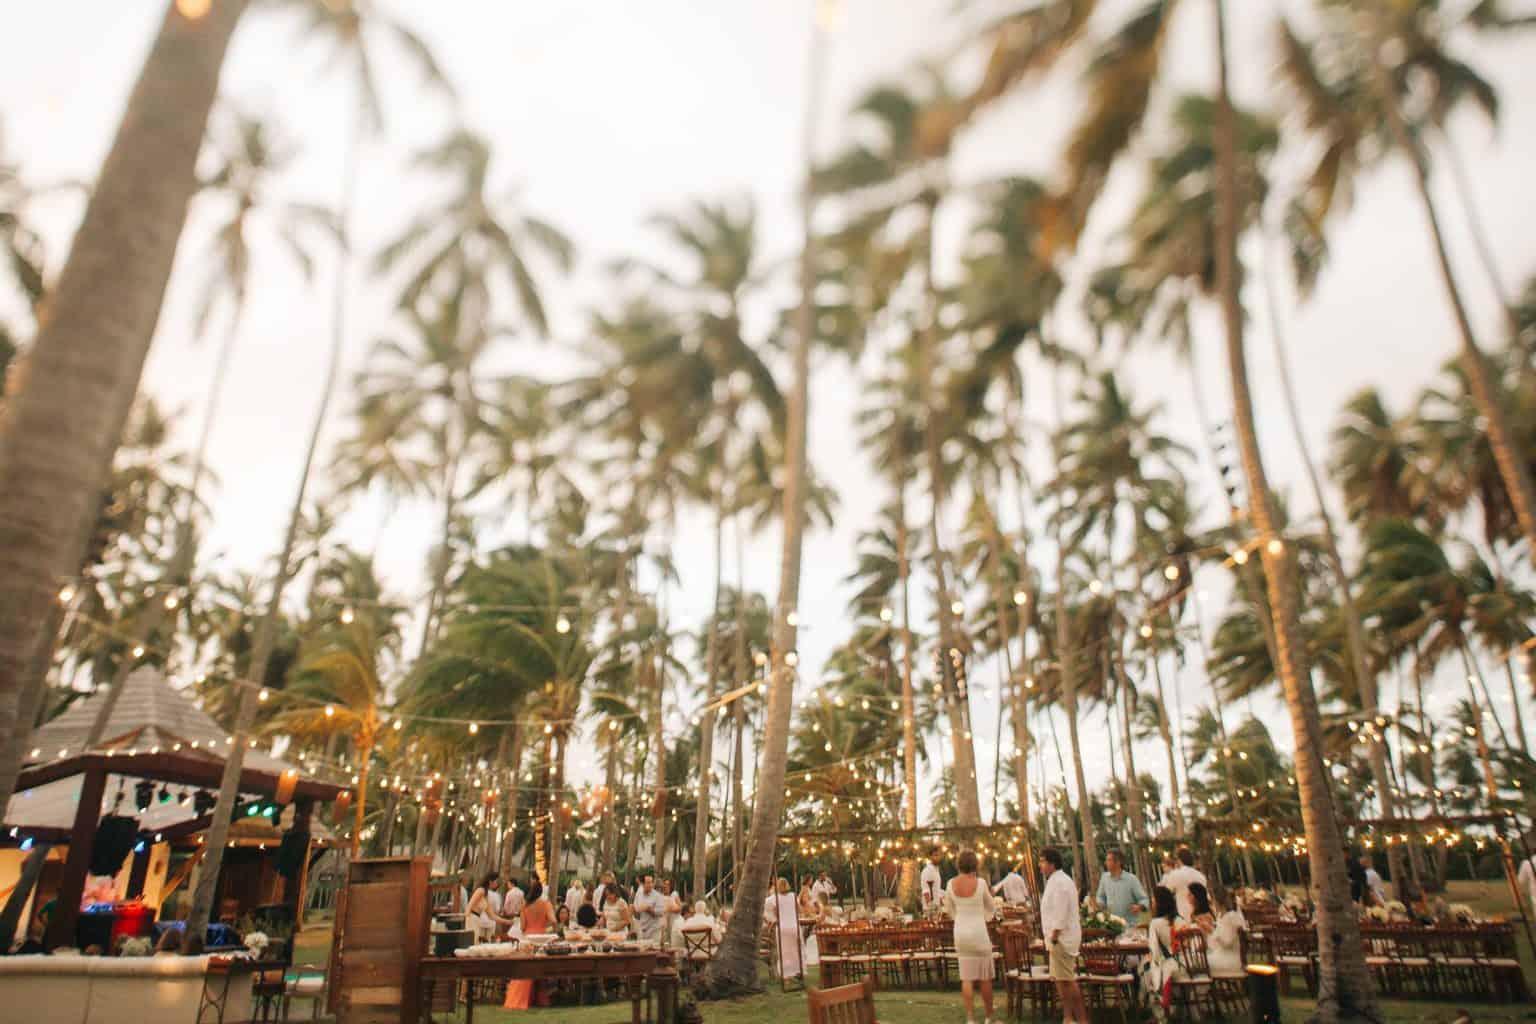 casamento-Danielle-e-Guilherme-aloha-fotografia-caseme-114